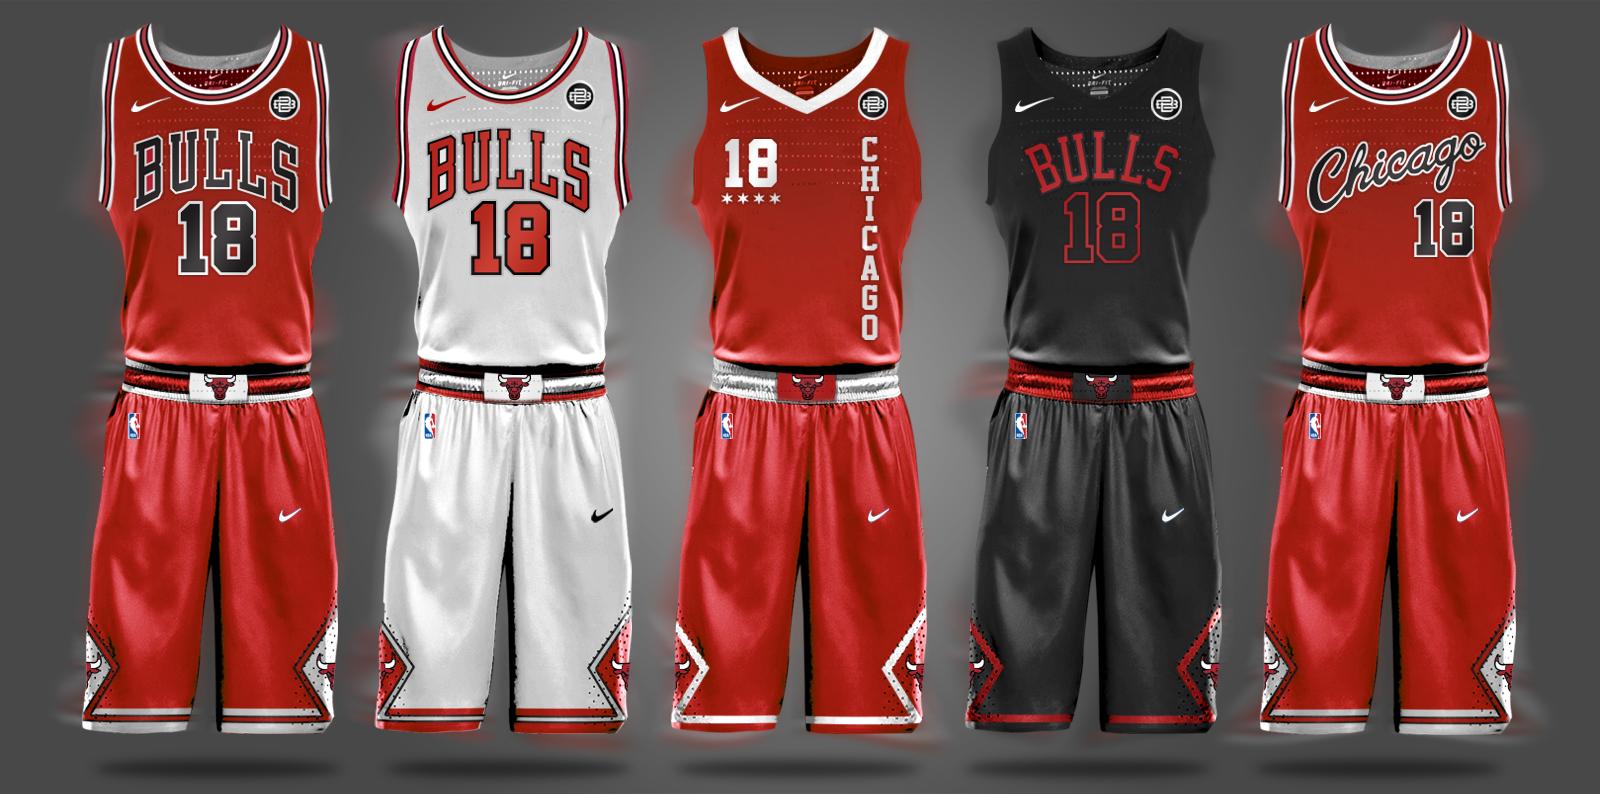 NBA Nike Uniform Concepts - I Am Brian